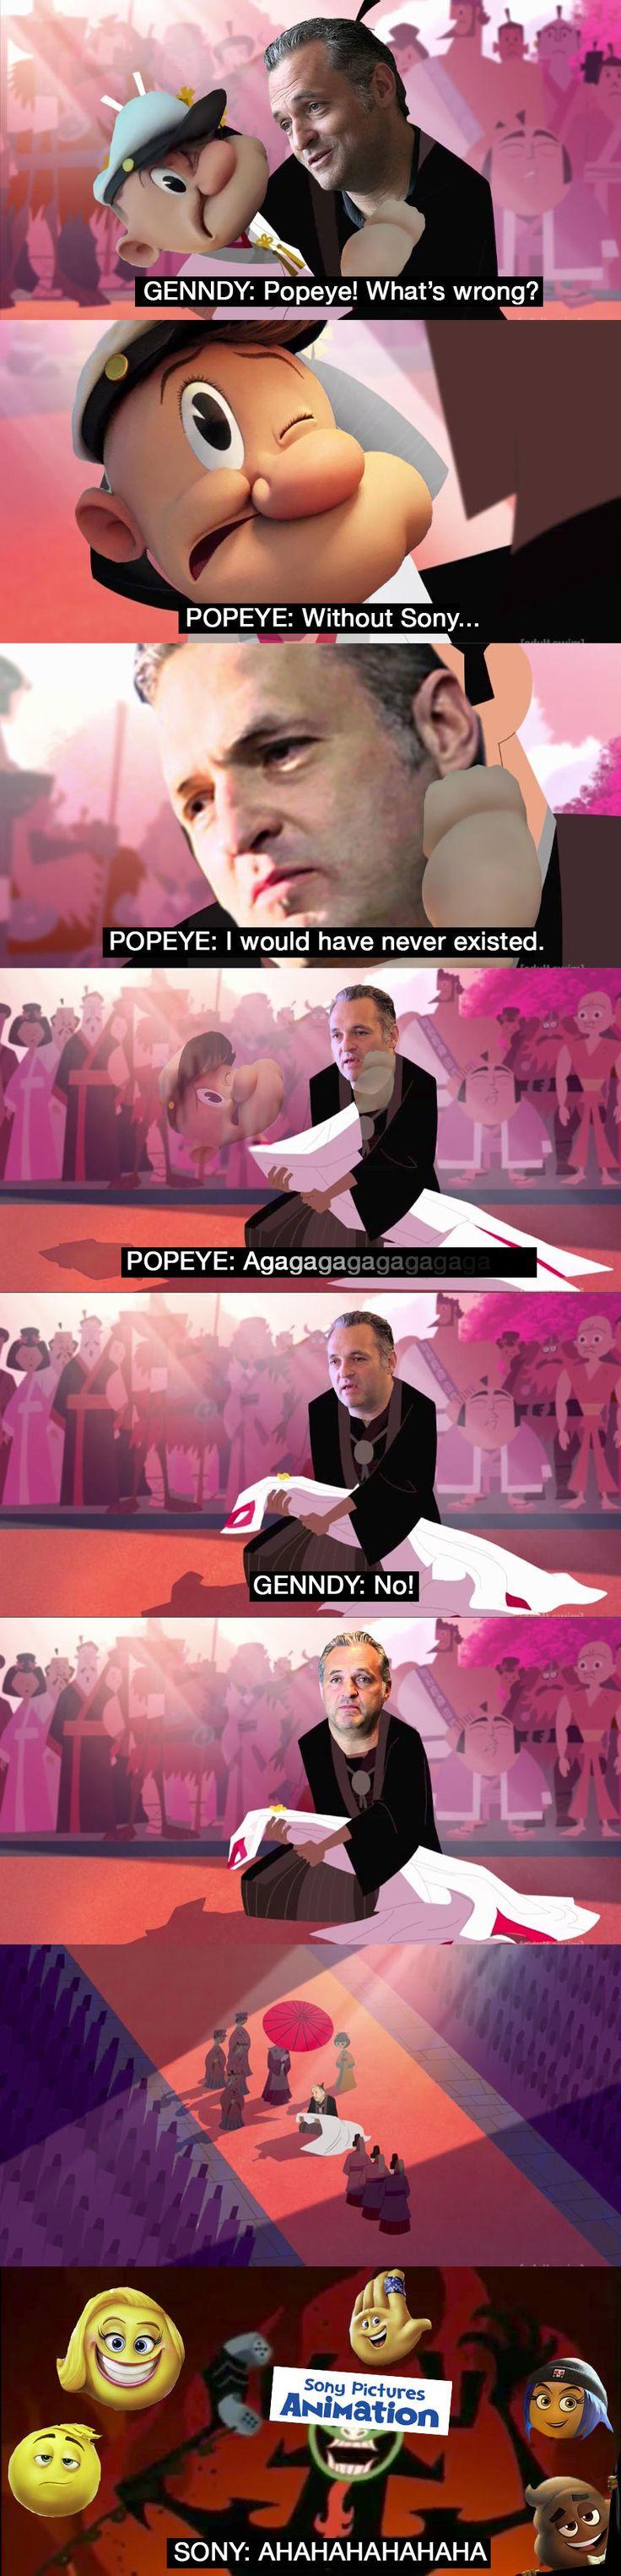 RIP Popeye Movie   Samurai Jack   Know Your Meme